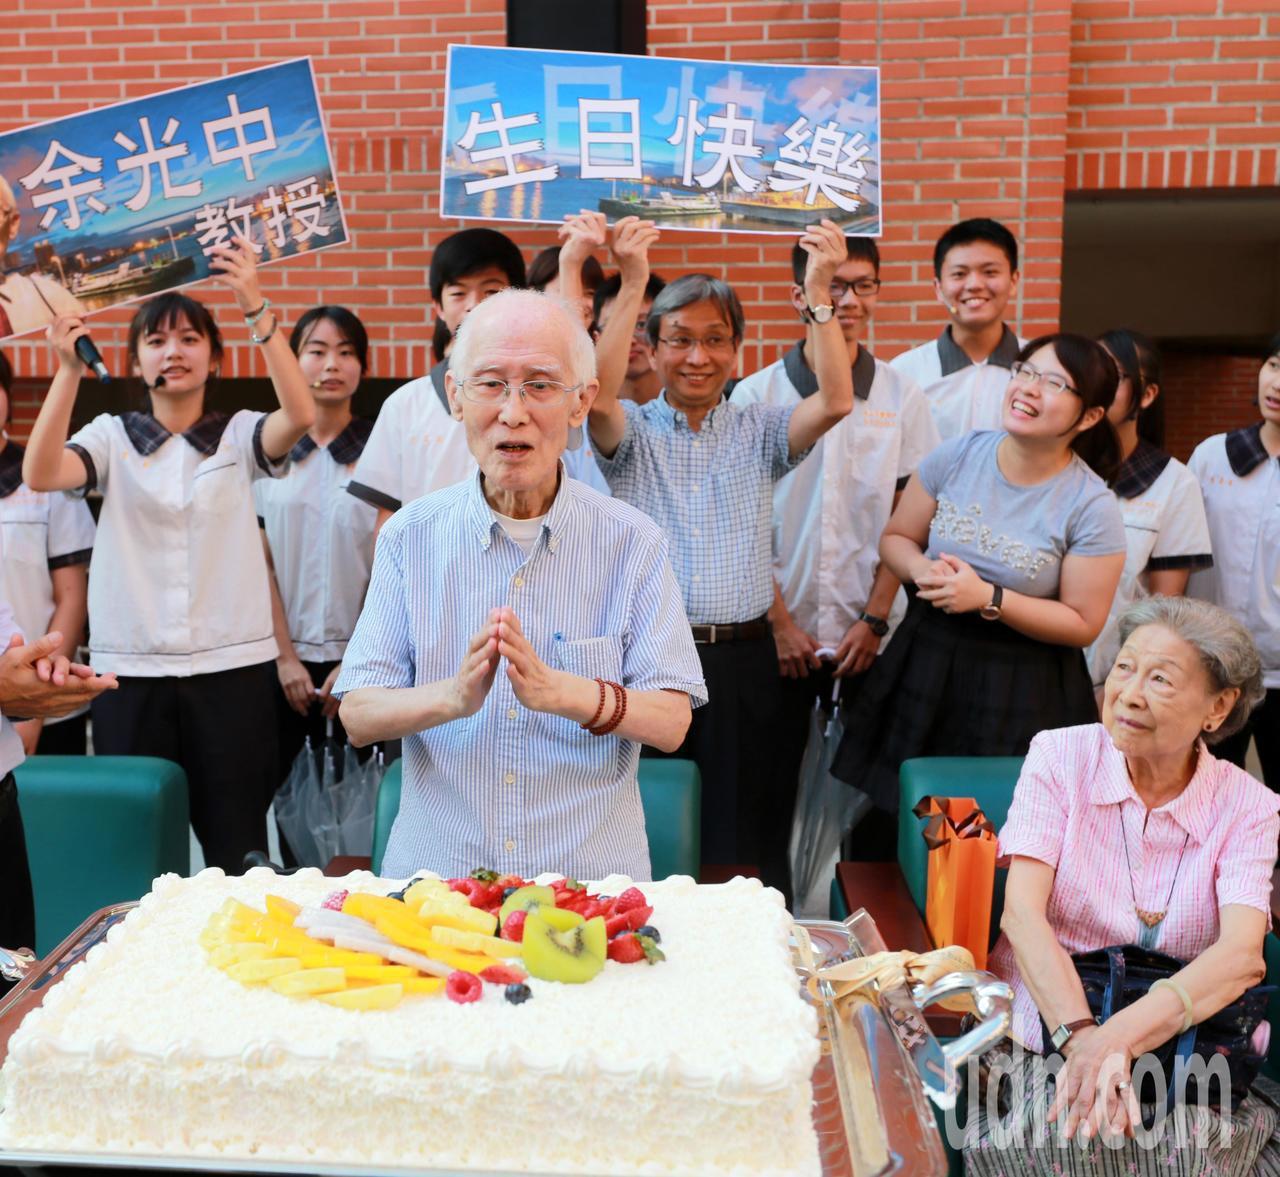 詩人余光中九十大壽,許願「天佑台灣、天佑西子灣!」記者劉學聖/攝影